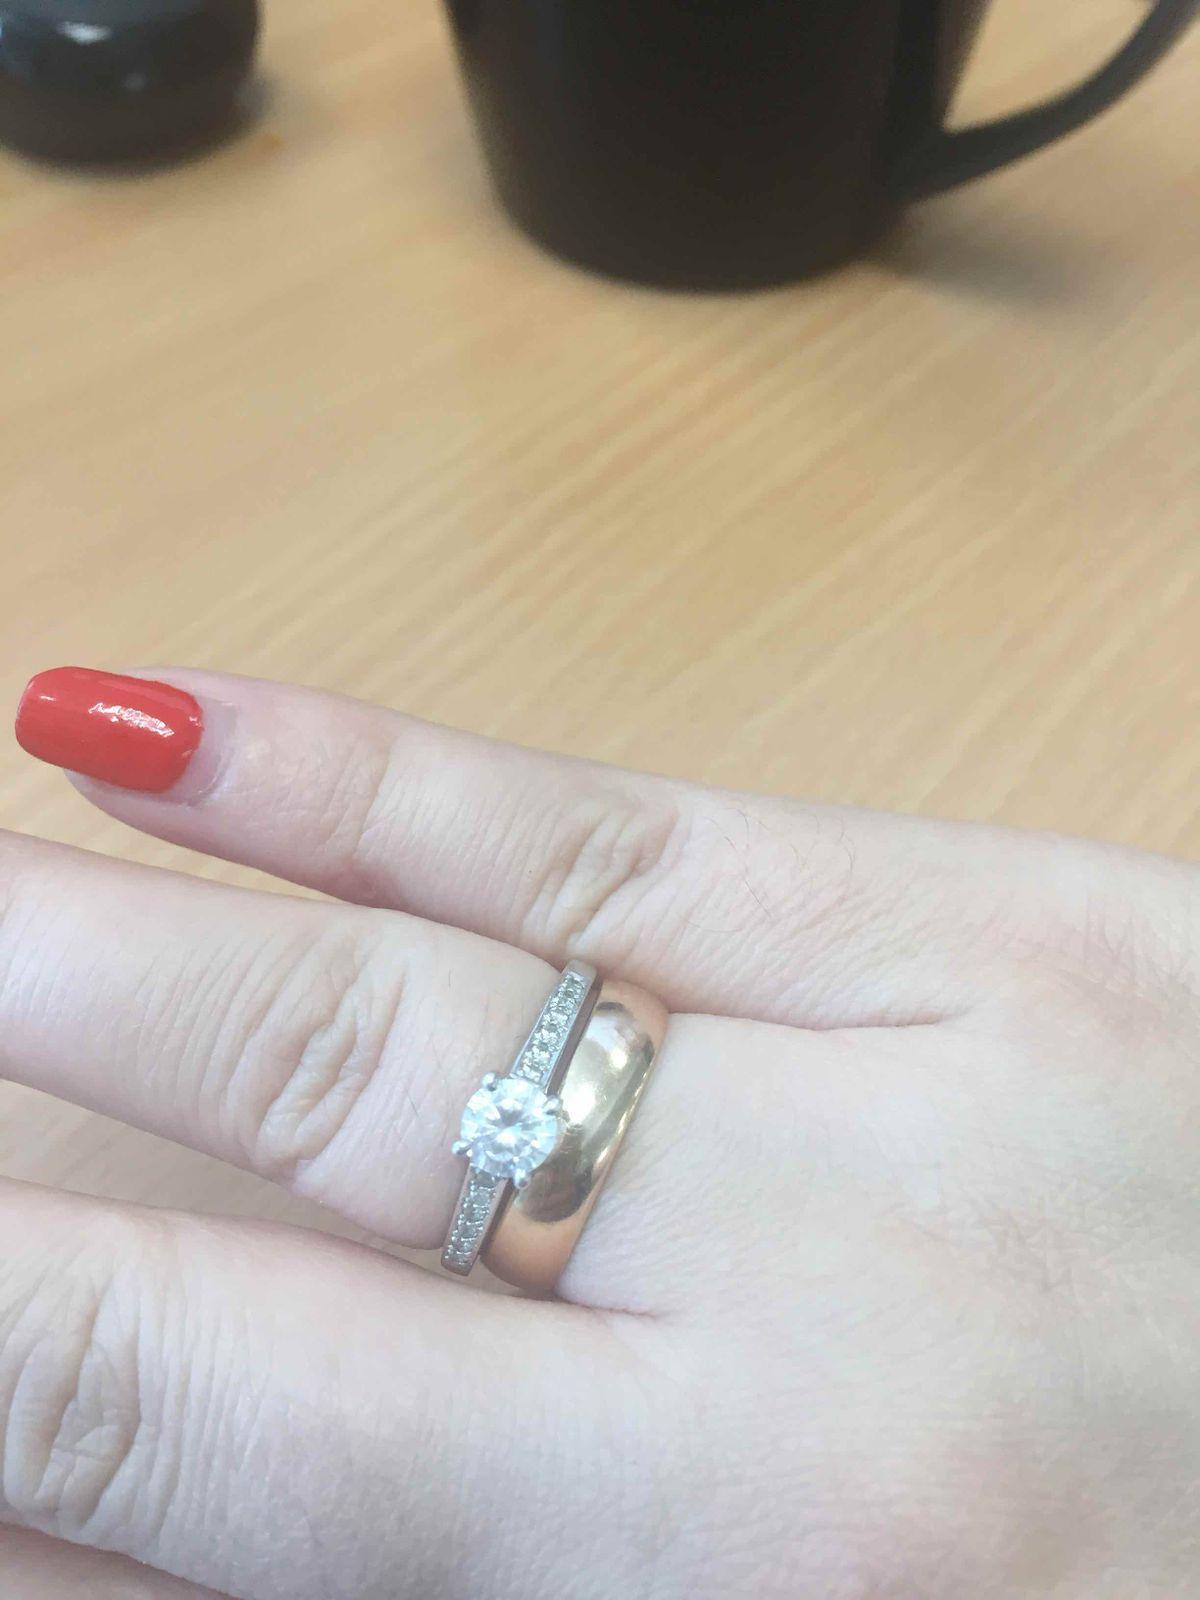 Красивое колечко на безымянный палец